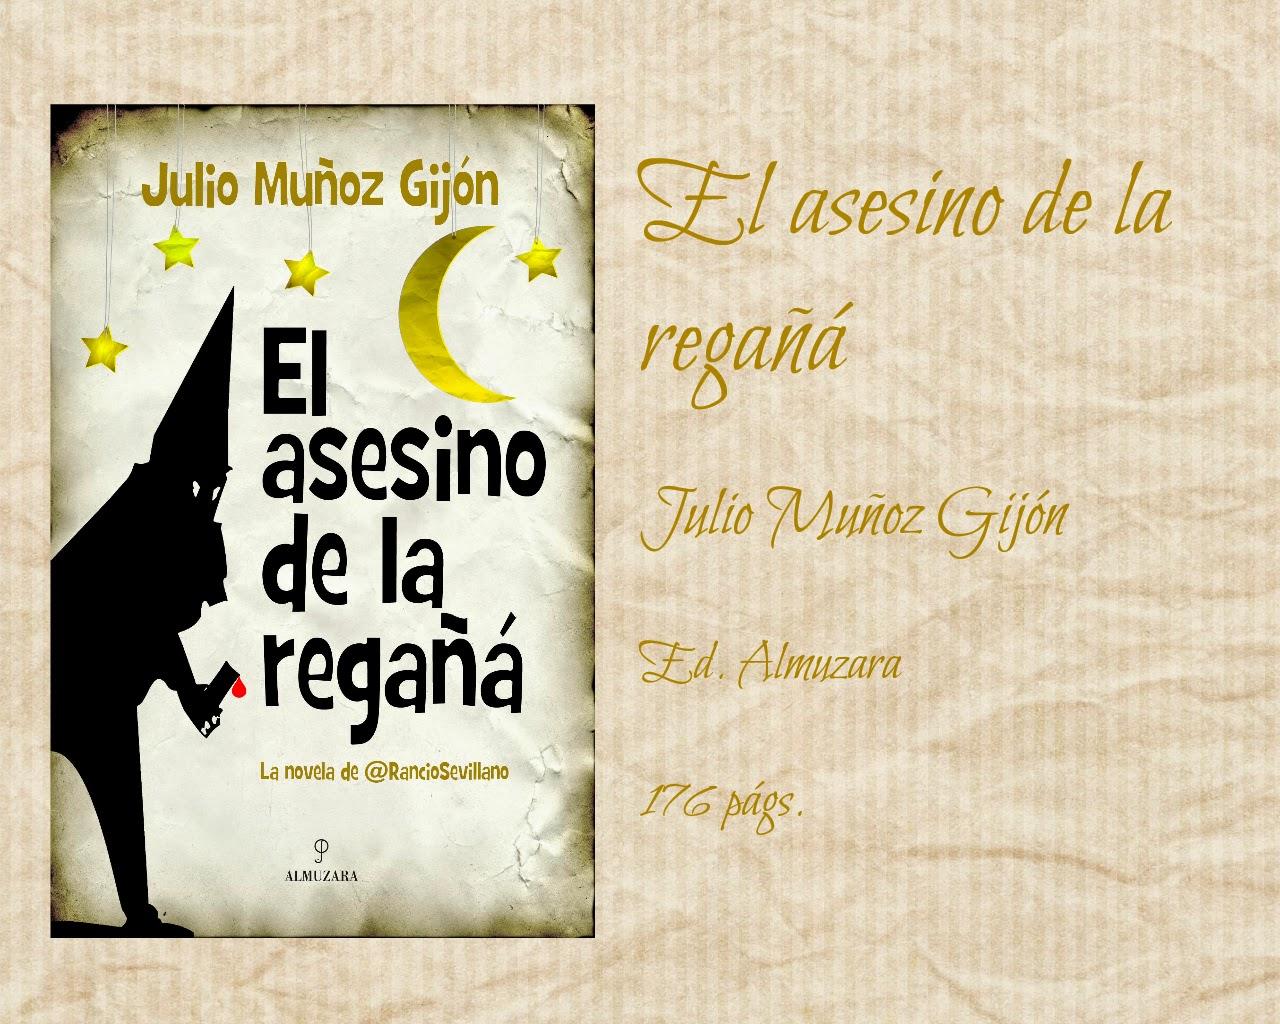 El templo de la lectura: El asesino de la regañá - Julio Muñoz Gijón